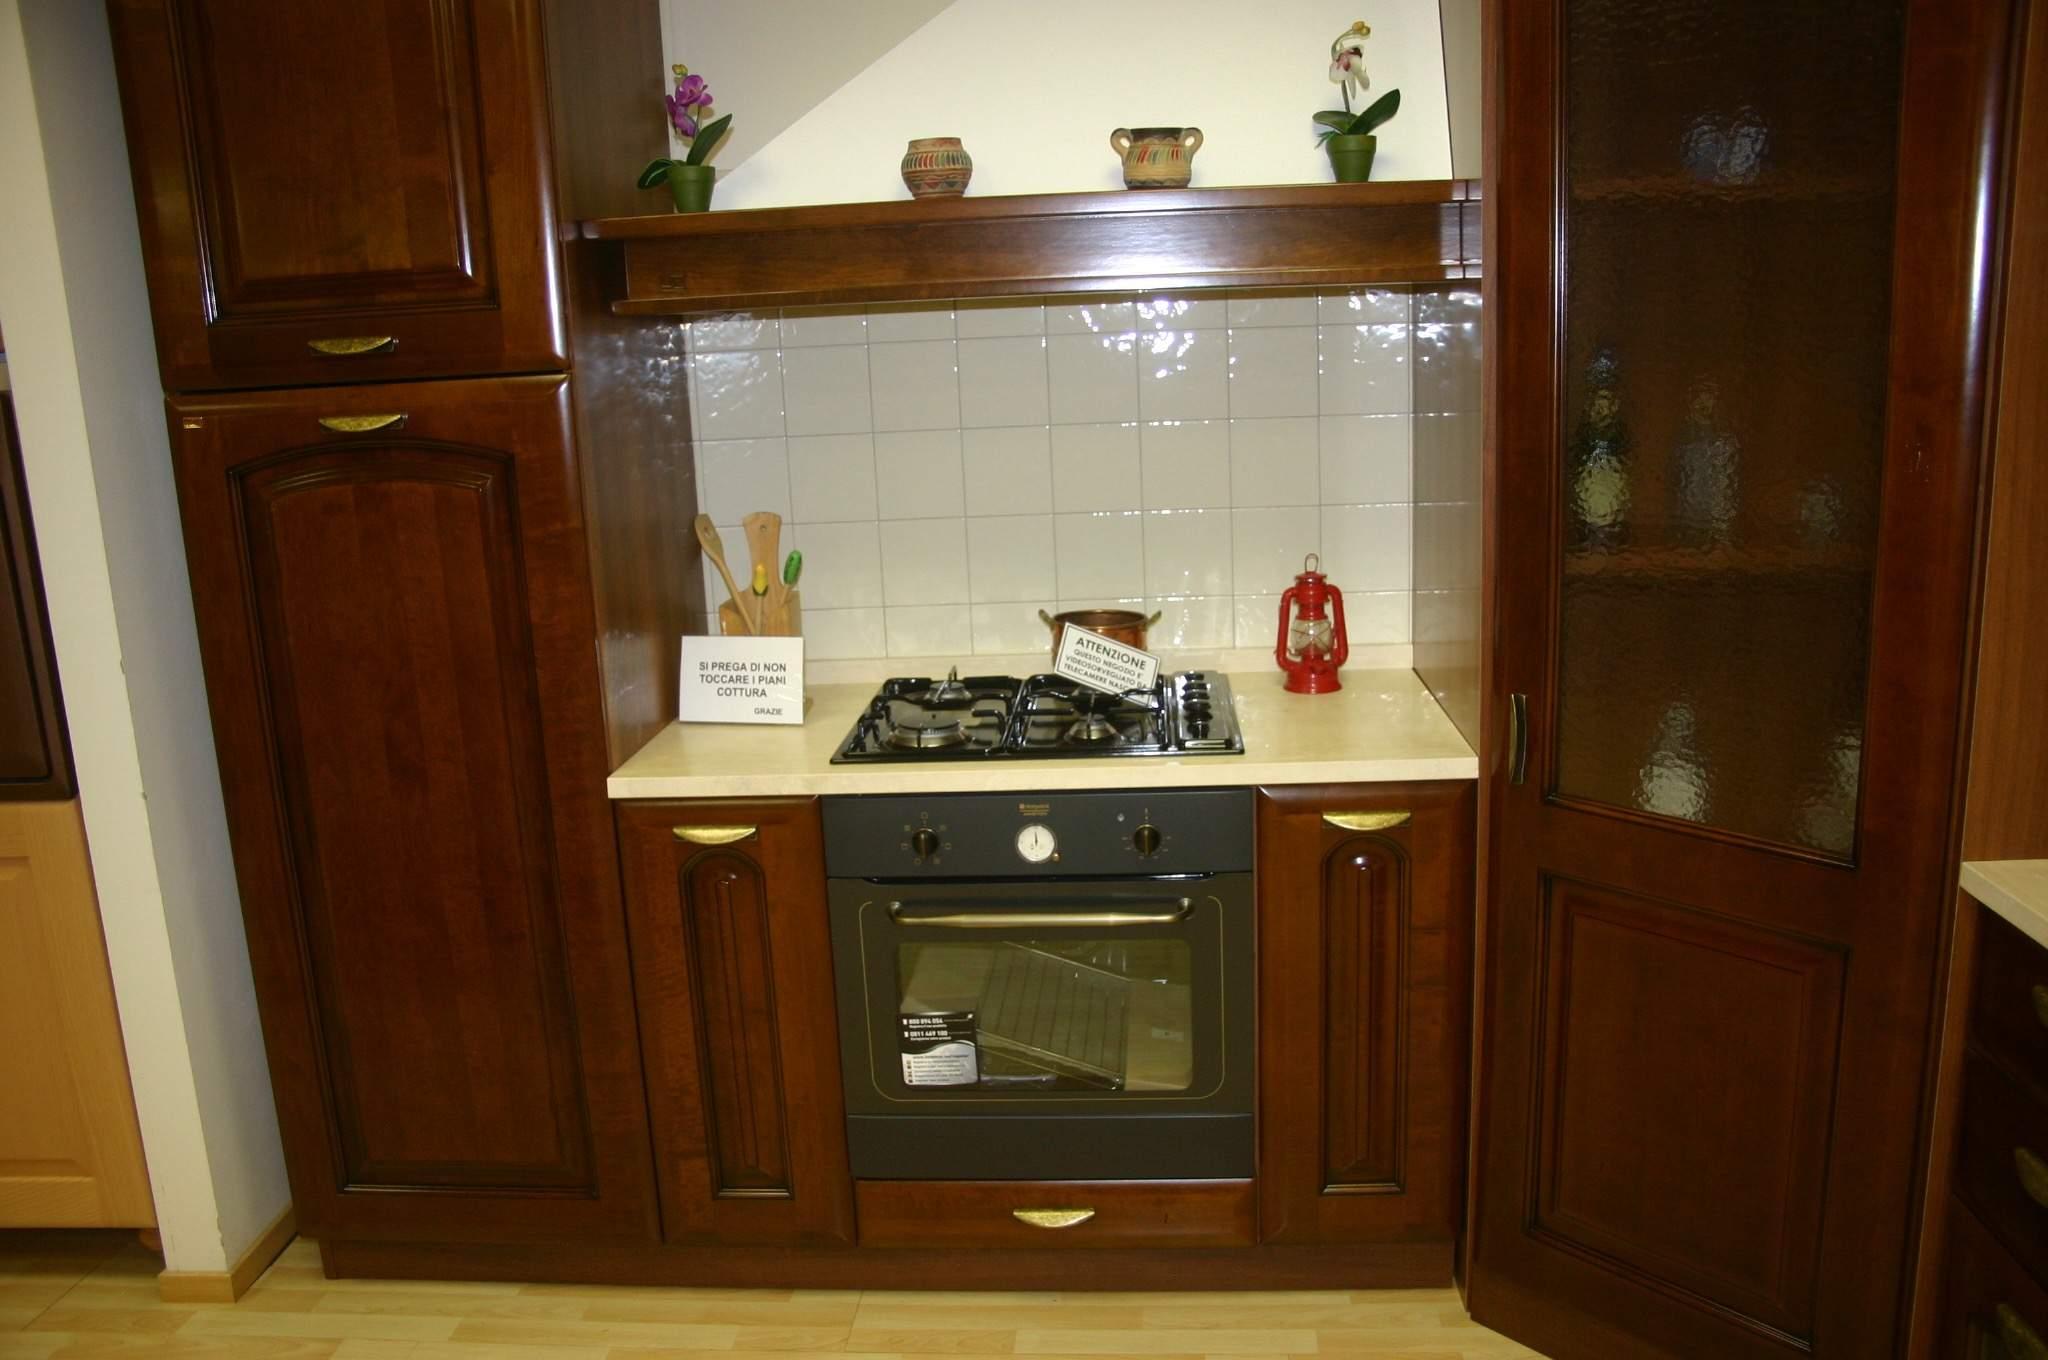 Cucina bindi opera piacentini arredamenti for Opera arredamenti